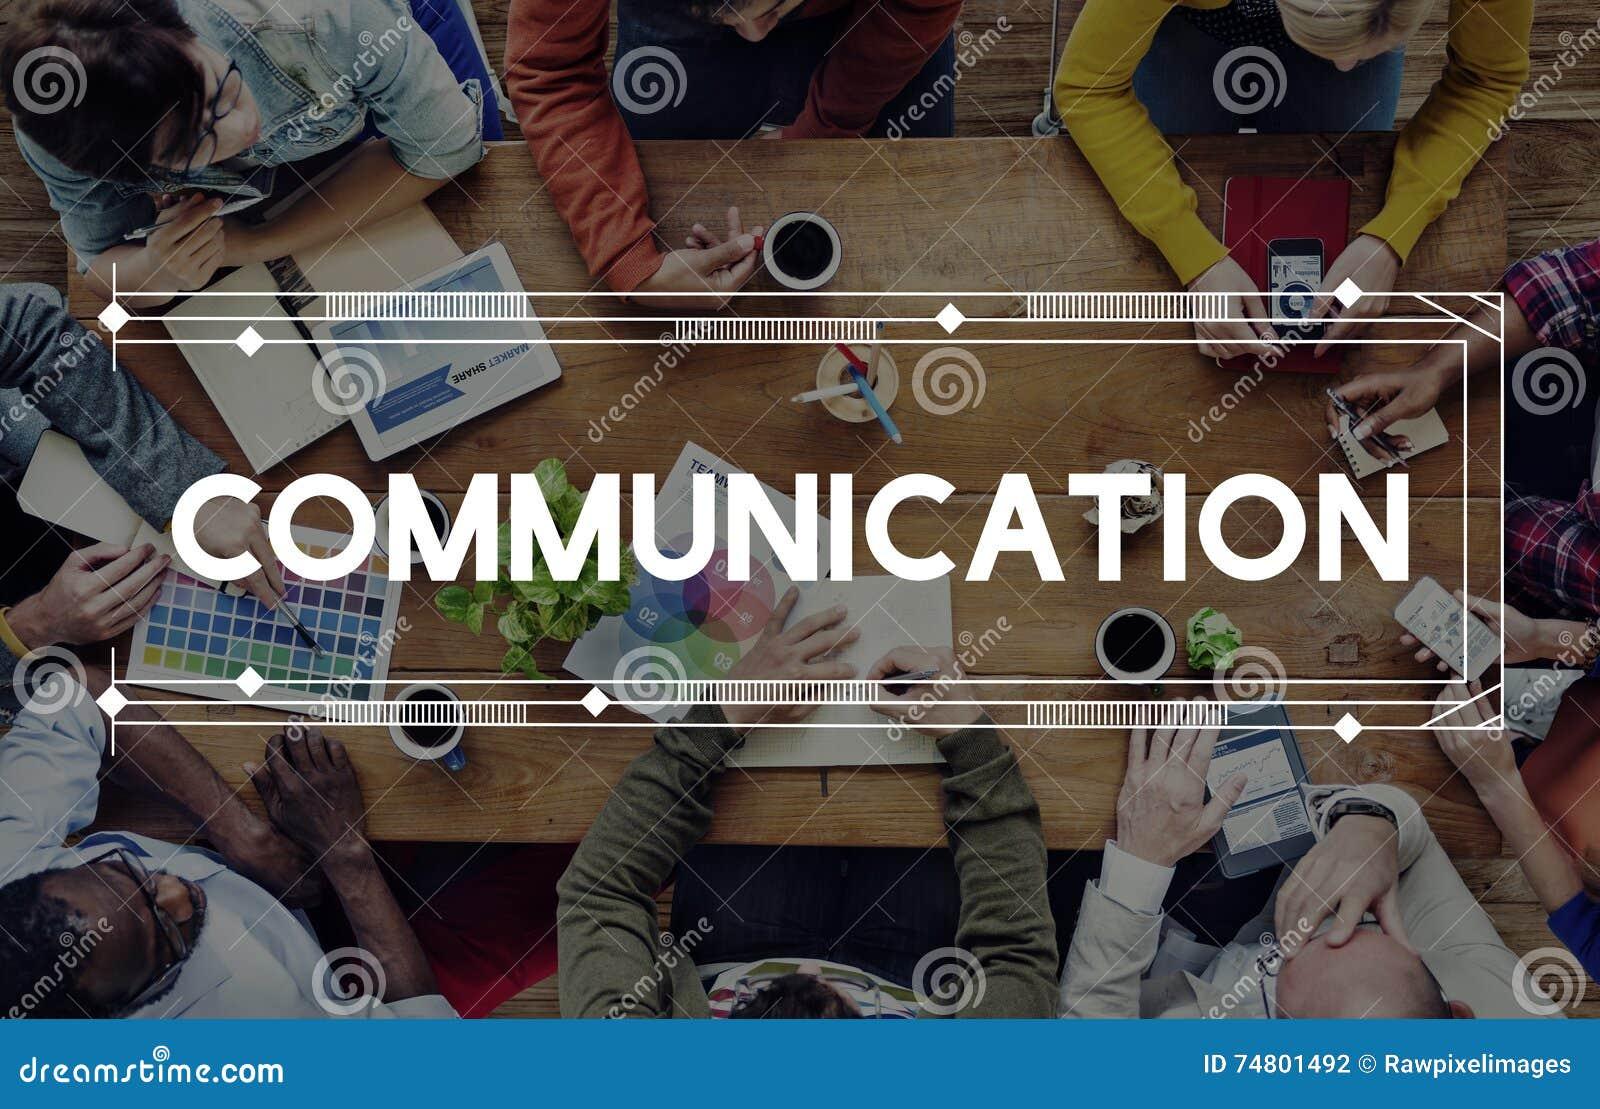 Η επικοινωνία επικοινωνεί την έννοια συνομιλίας συζήτησης